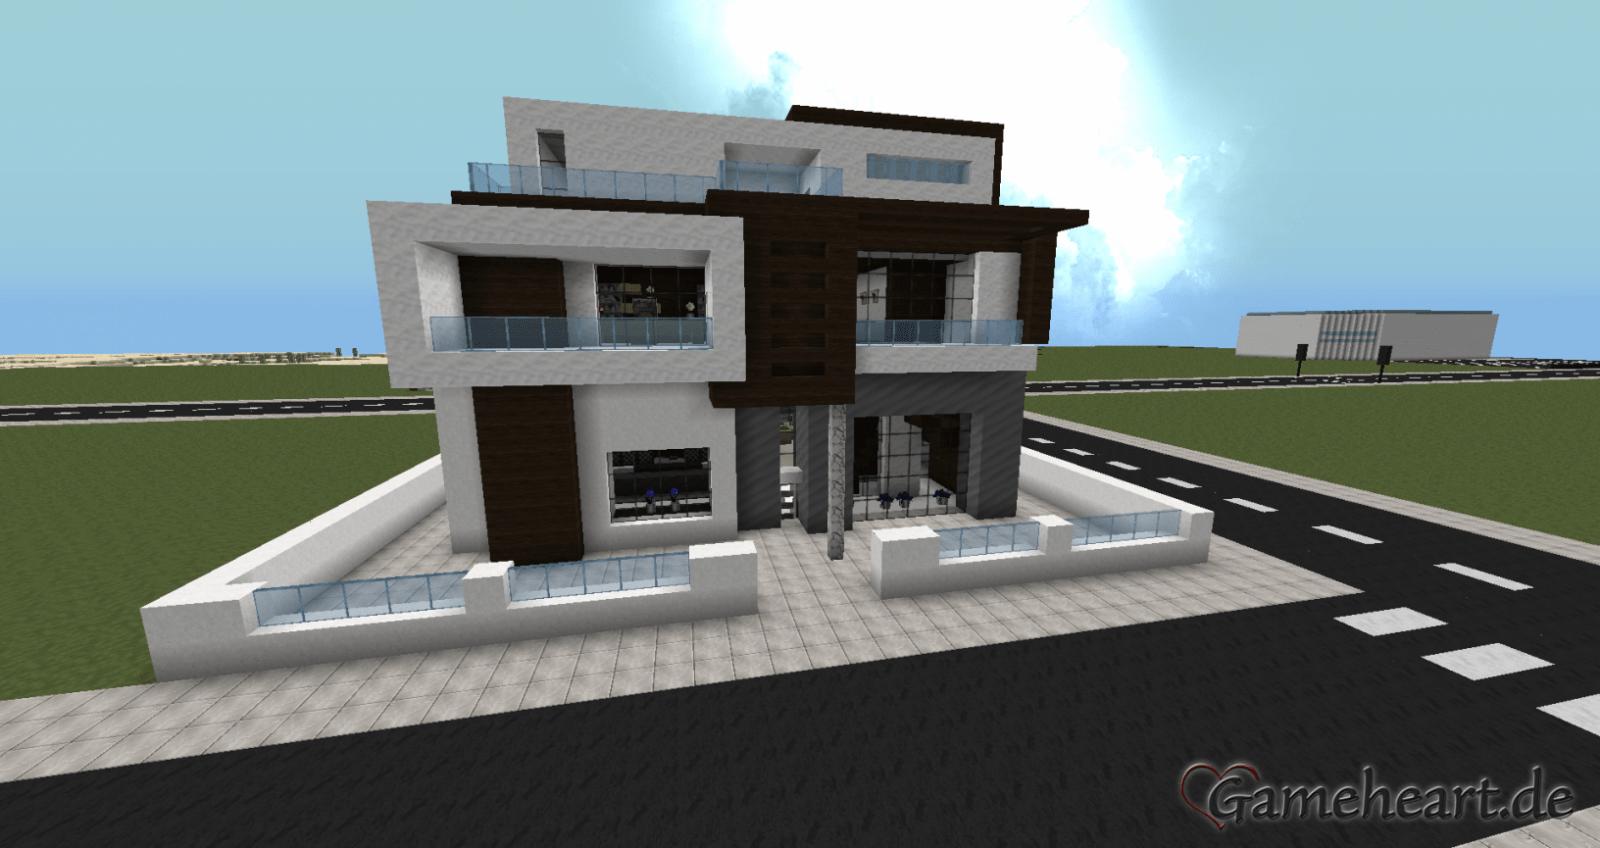 Bild Von Minecraft Häuser Modern Minecraft Haus Bauen Modernes Avec von Minecraft Häuser Modern Zum Nachbauen Bild